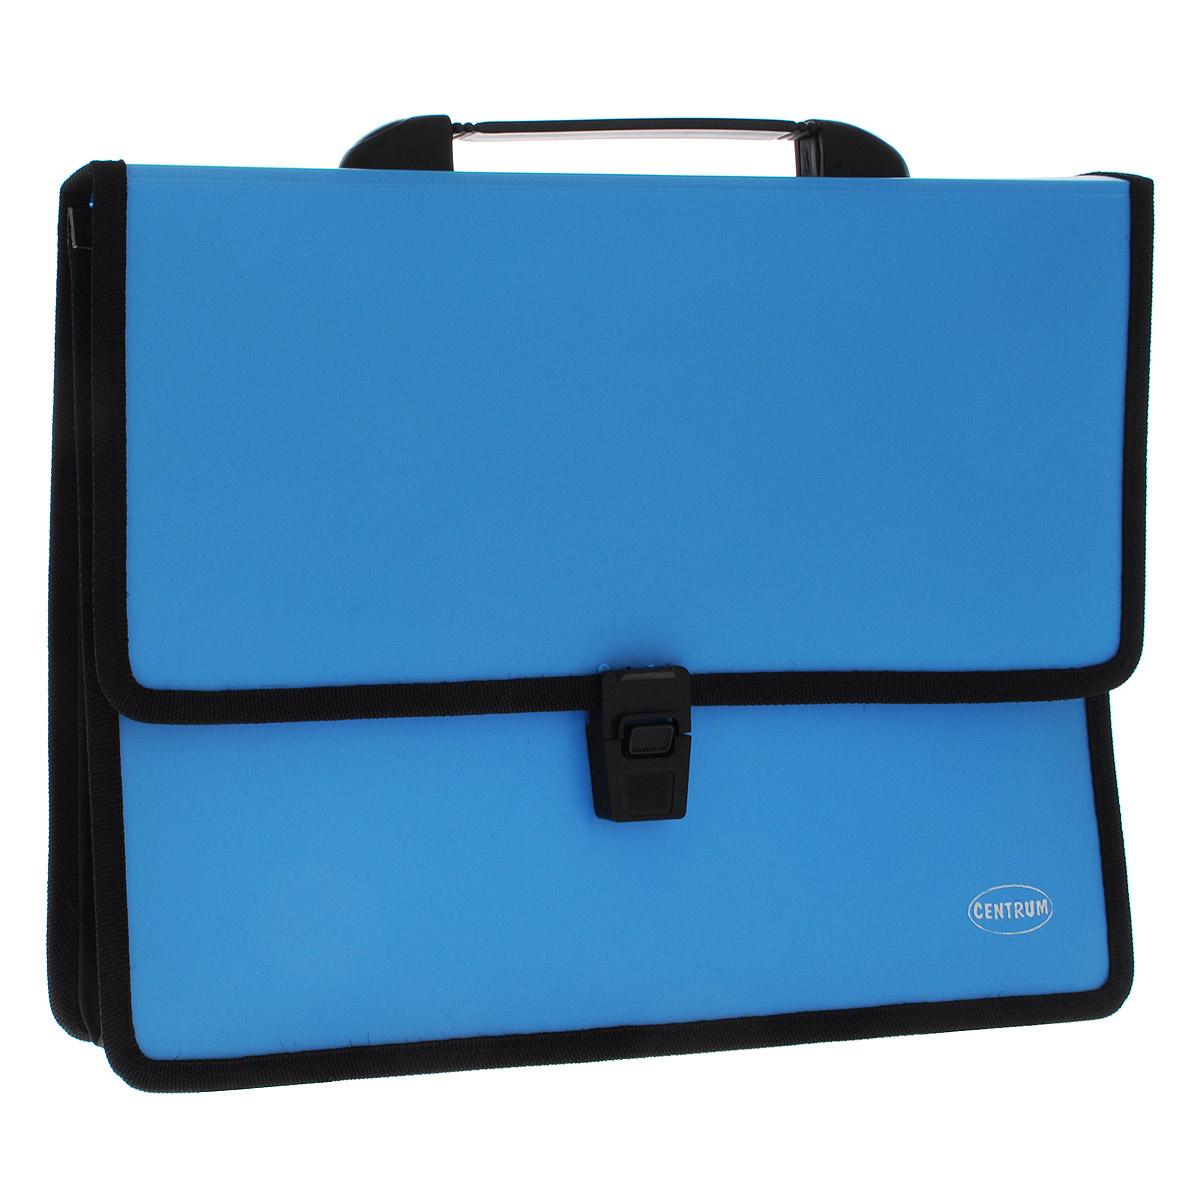 Папка-портфель Centrum, 2 отделения, с ручкой, цвет: голубой, формат А480610Папка-портфель Centrum станет вашим верным помощником дома и в офисе. Это удобный и функциональный инструмент, предназначенный для хранения и транспортировки больших объемов рабочих бумаг и документов формата А4. Папка изготовлена из износостойкого высококачественного пластика толщиной 0,70 мм, и закрывается на широкий клапан с замком. Состоит из 2 вместительных отделений. Грани папки отделаны полиэстером, а уголки закруглены для обеспечения дополнительной прочности и сохранности опрятного вида папки. Папка имеет удобную ручку для переноски. Папка - это незаменимый атрибут для любого студента, школьника или офисного работника. Такая папка надежно сохранит ваши бумаги и сбережет их от повреждений, пыли и влаги.